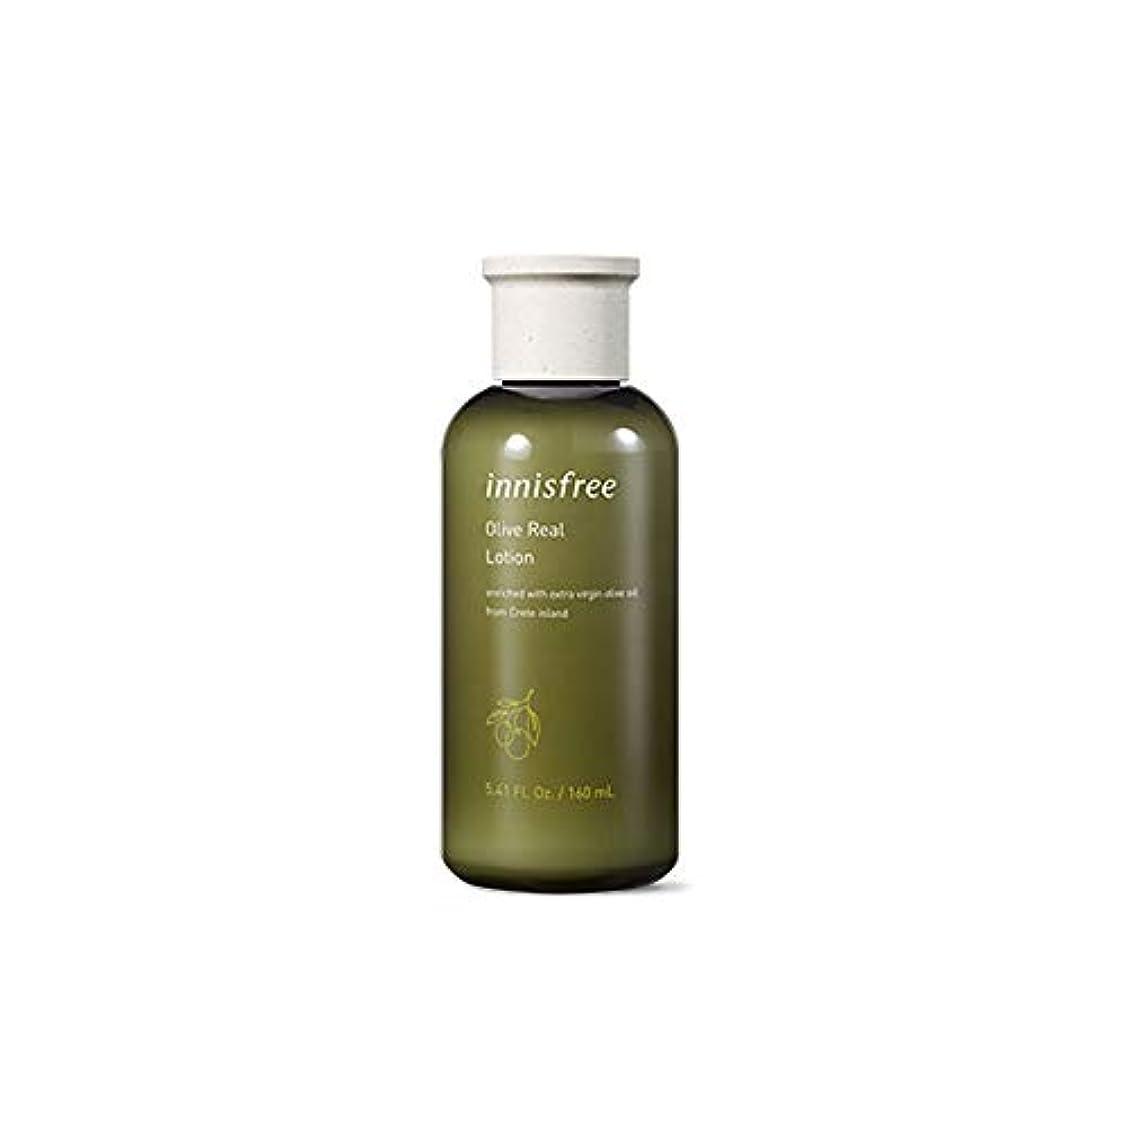 過度にスポークスマンアナログNEW[イニスフリー] Innisfree オリーブリアルローション乳液EX(160ml) Innisfree Olive Real Lotion(160ml)EX [海外直送品]